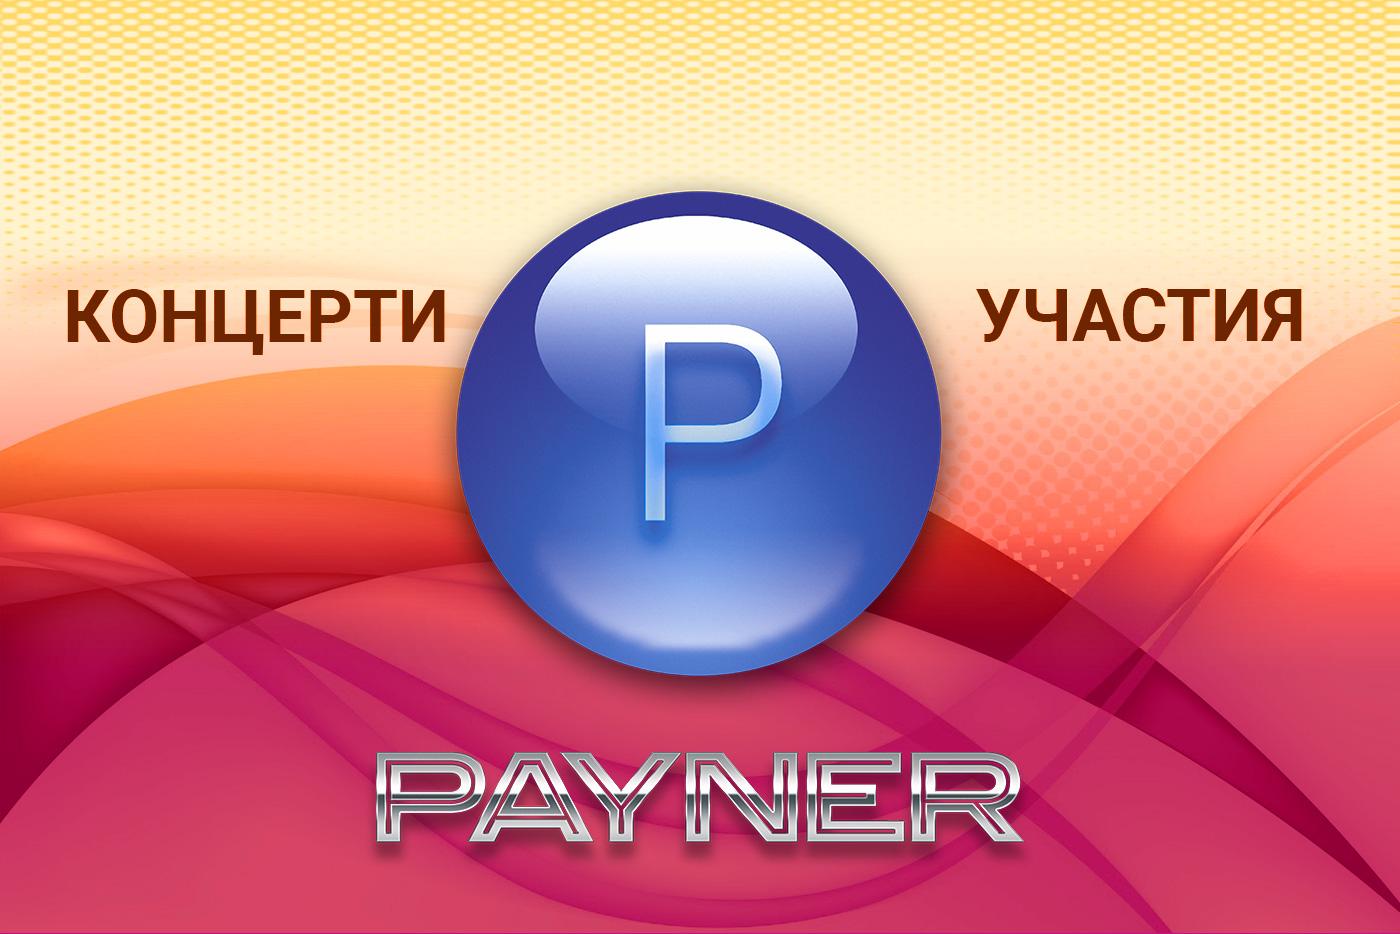 """Участия на звездите на """"Пайнер"""" на 19.10.2019"""